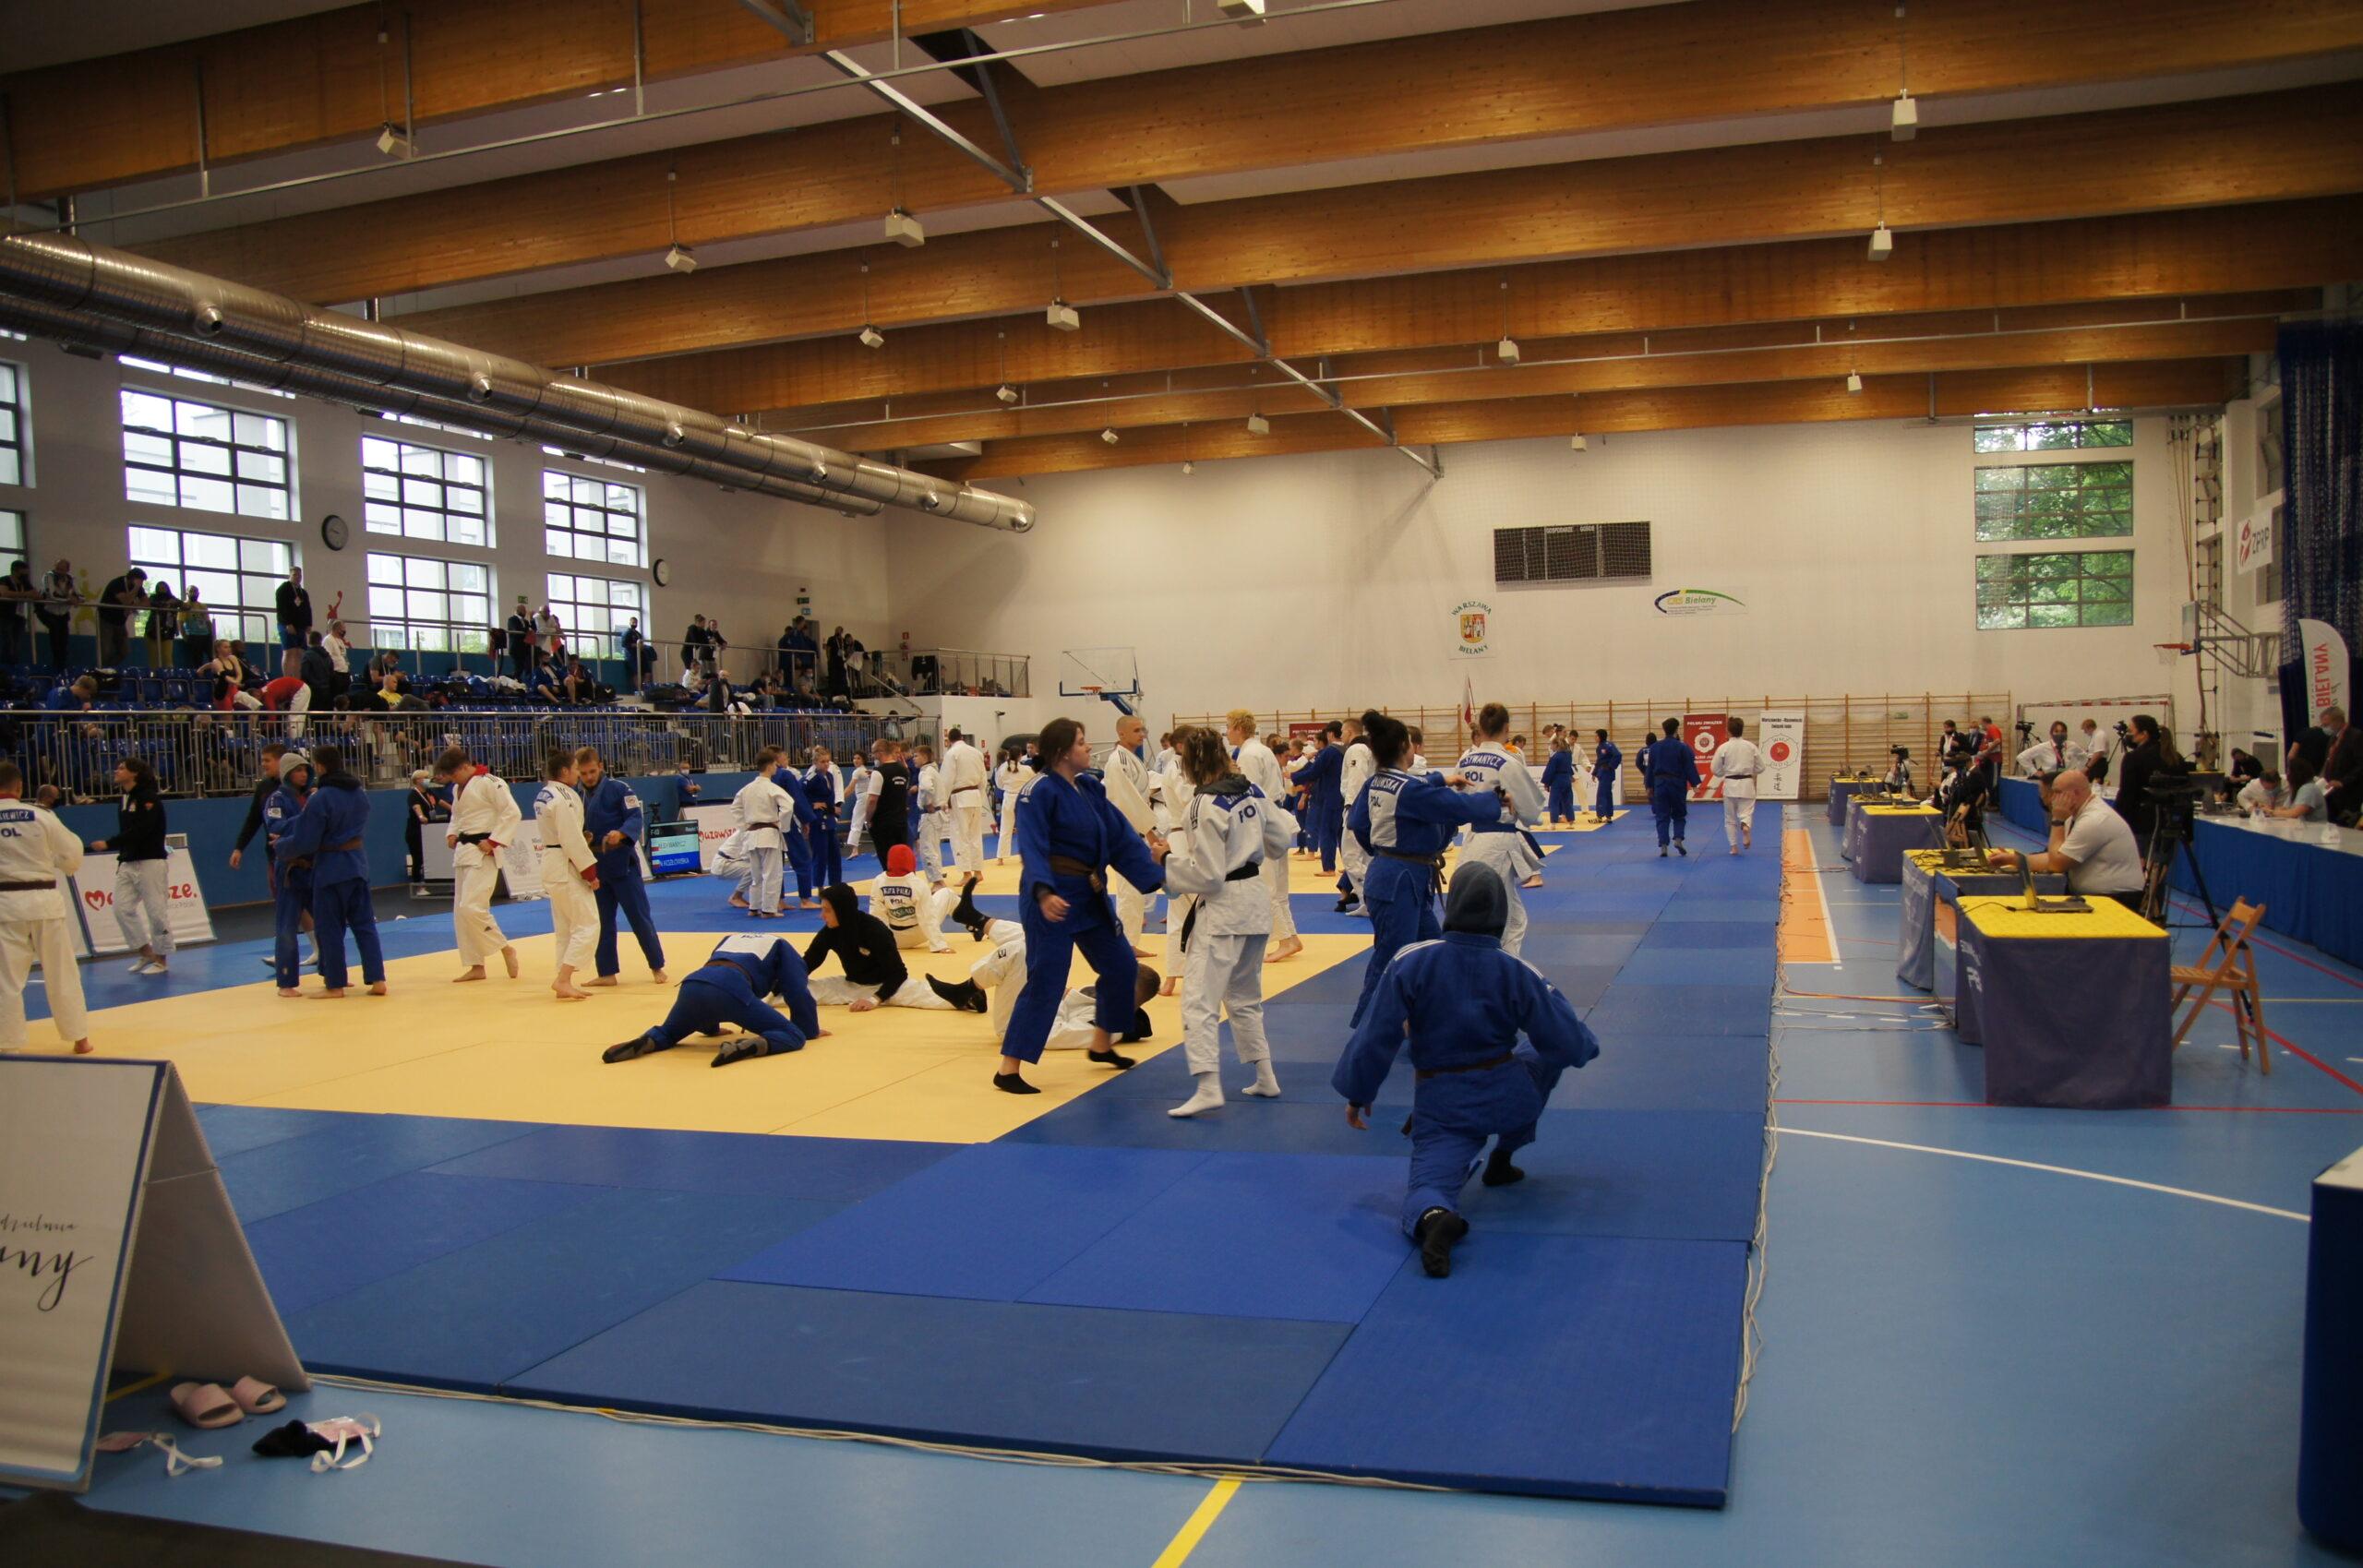 Hala sportowa podczas zawodów Judo. Na środku sali zawodnicy w białych oraz granatowych strojach. Po prawej stronie sędziowie oraz przybyli goście, po prawej publiczność.